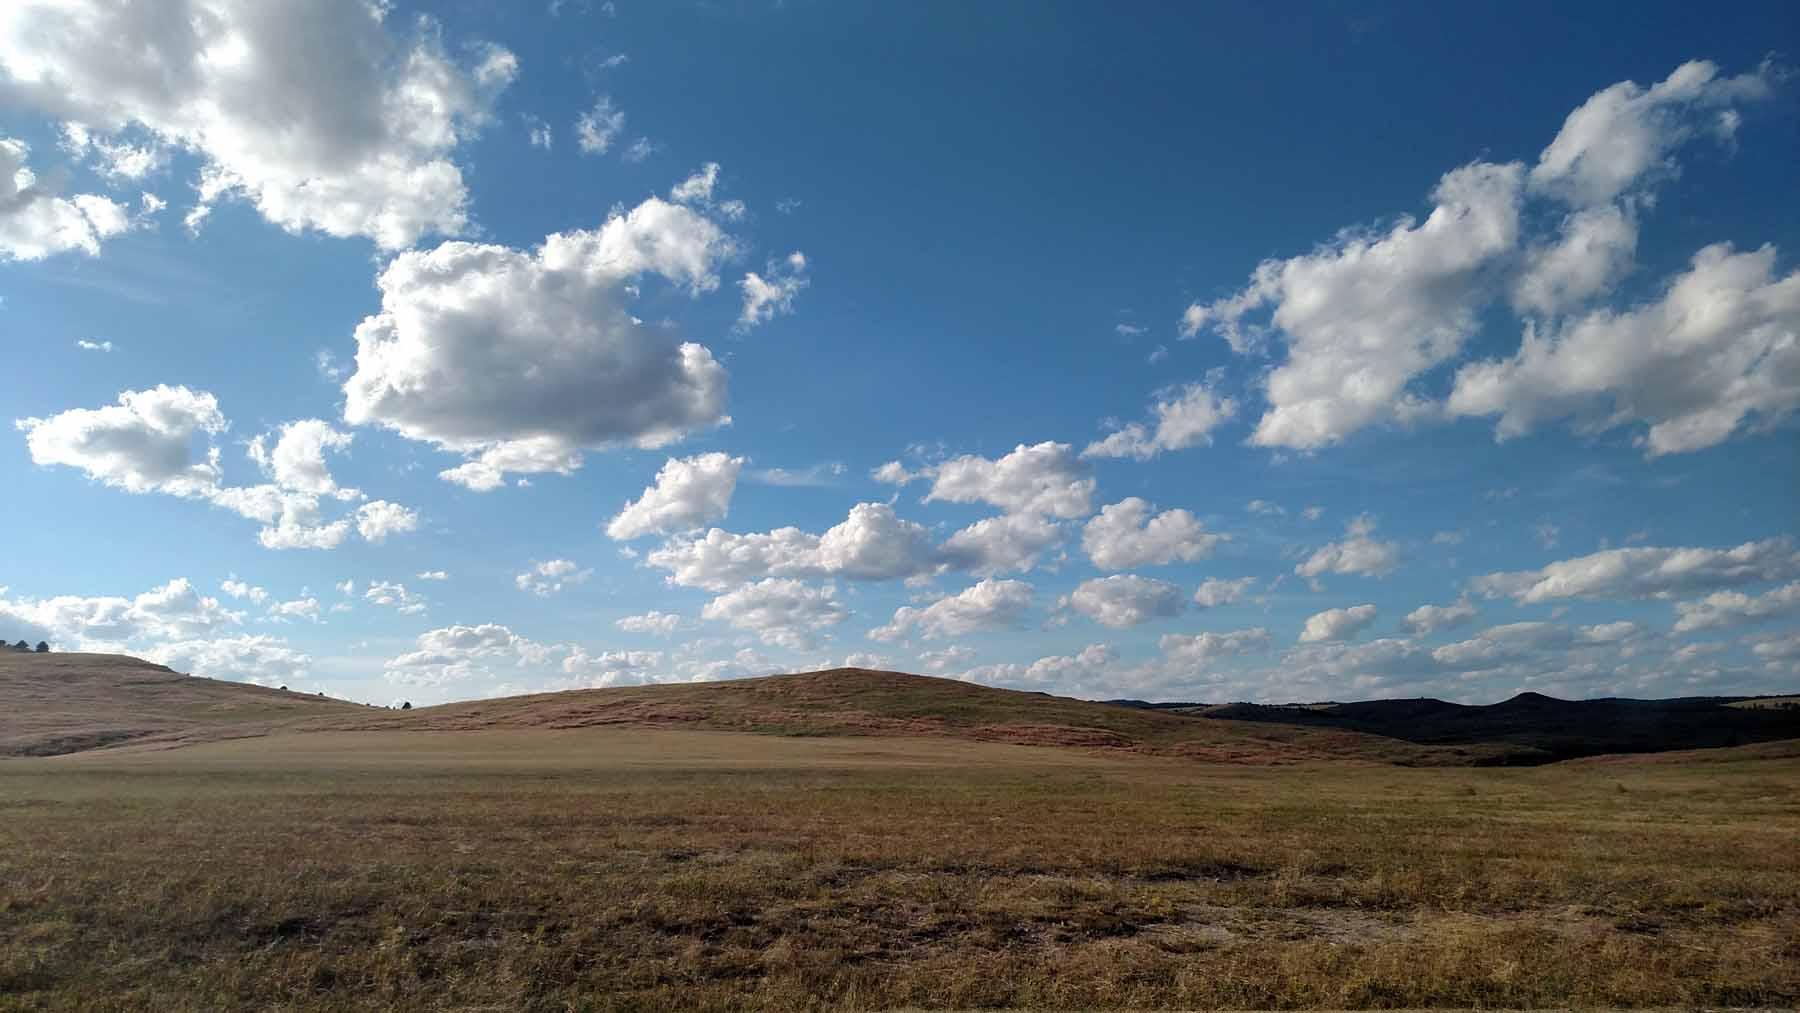 Blue sky, beautiful landscape